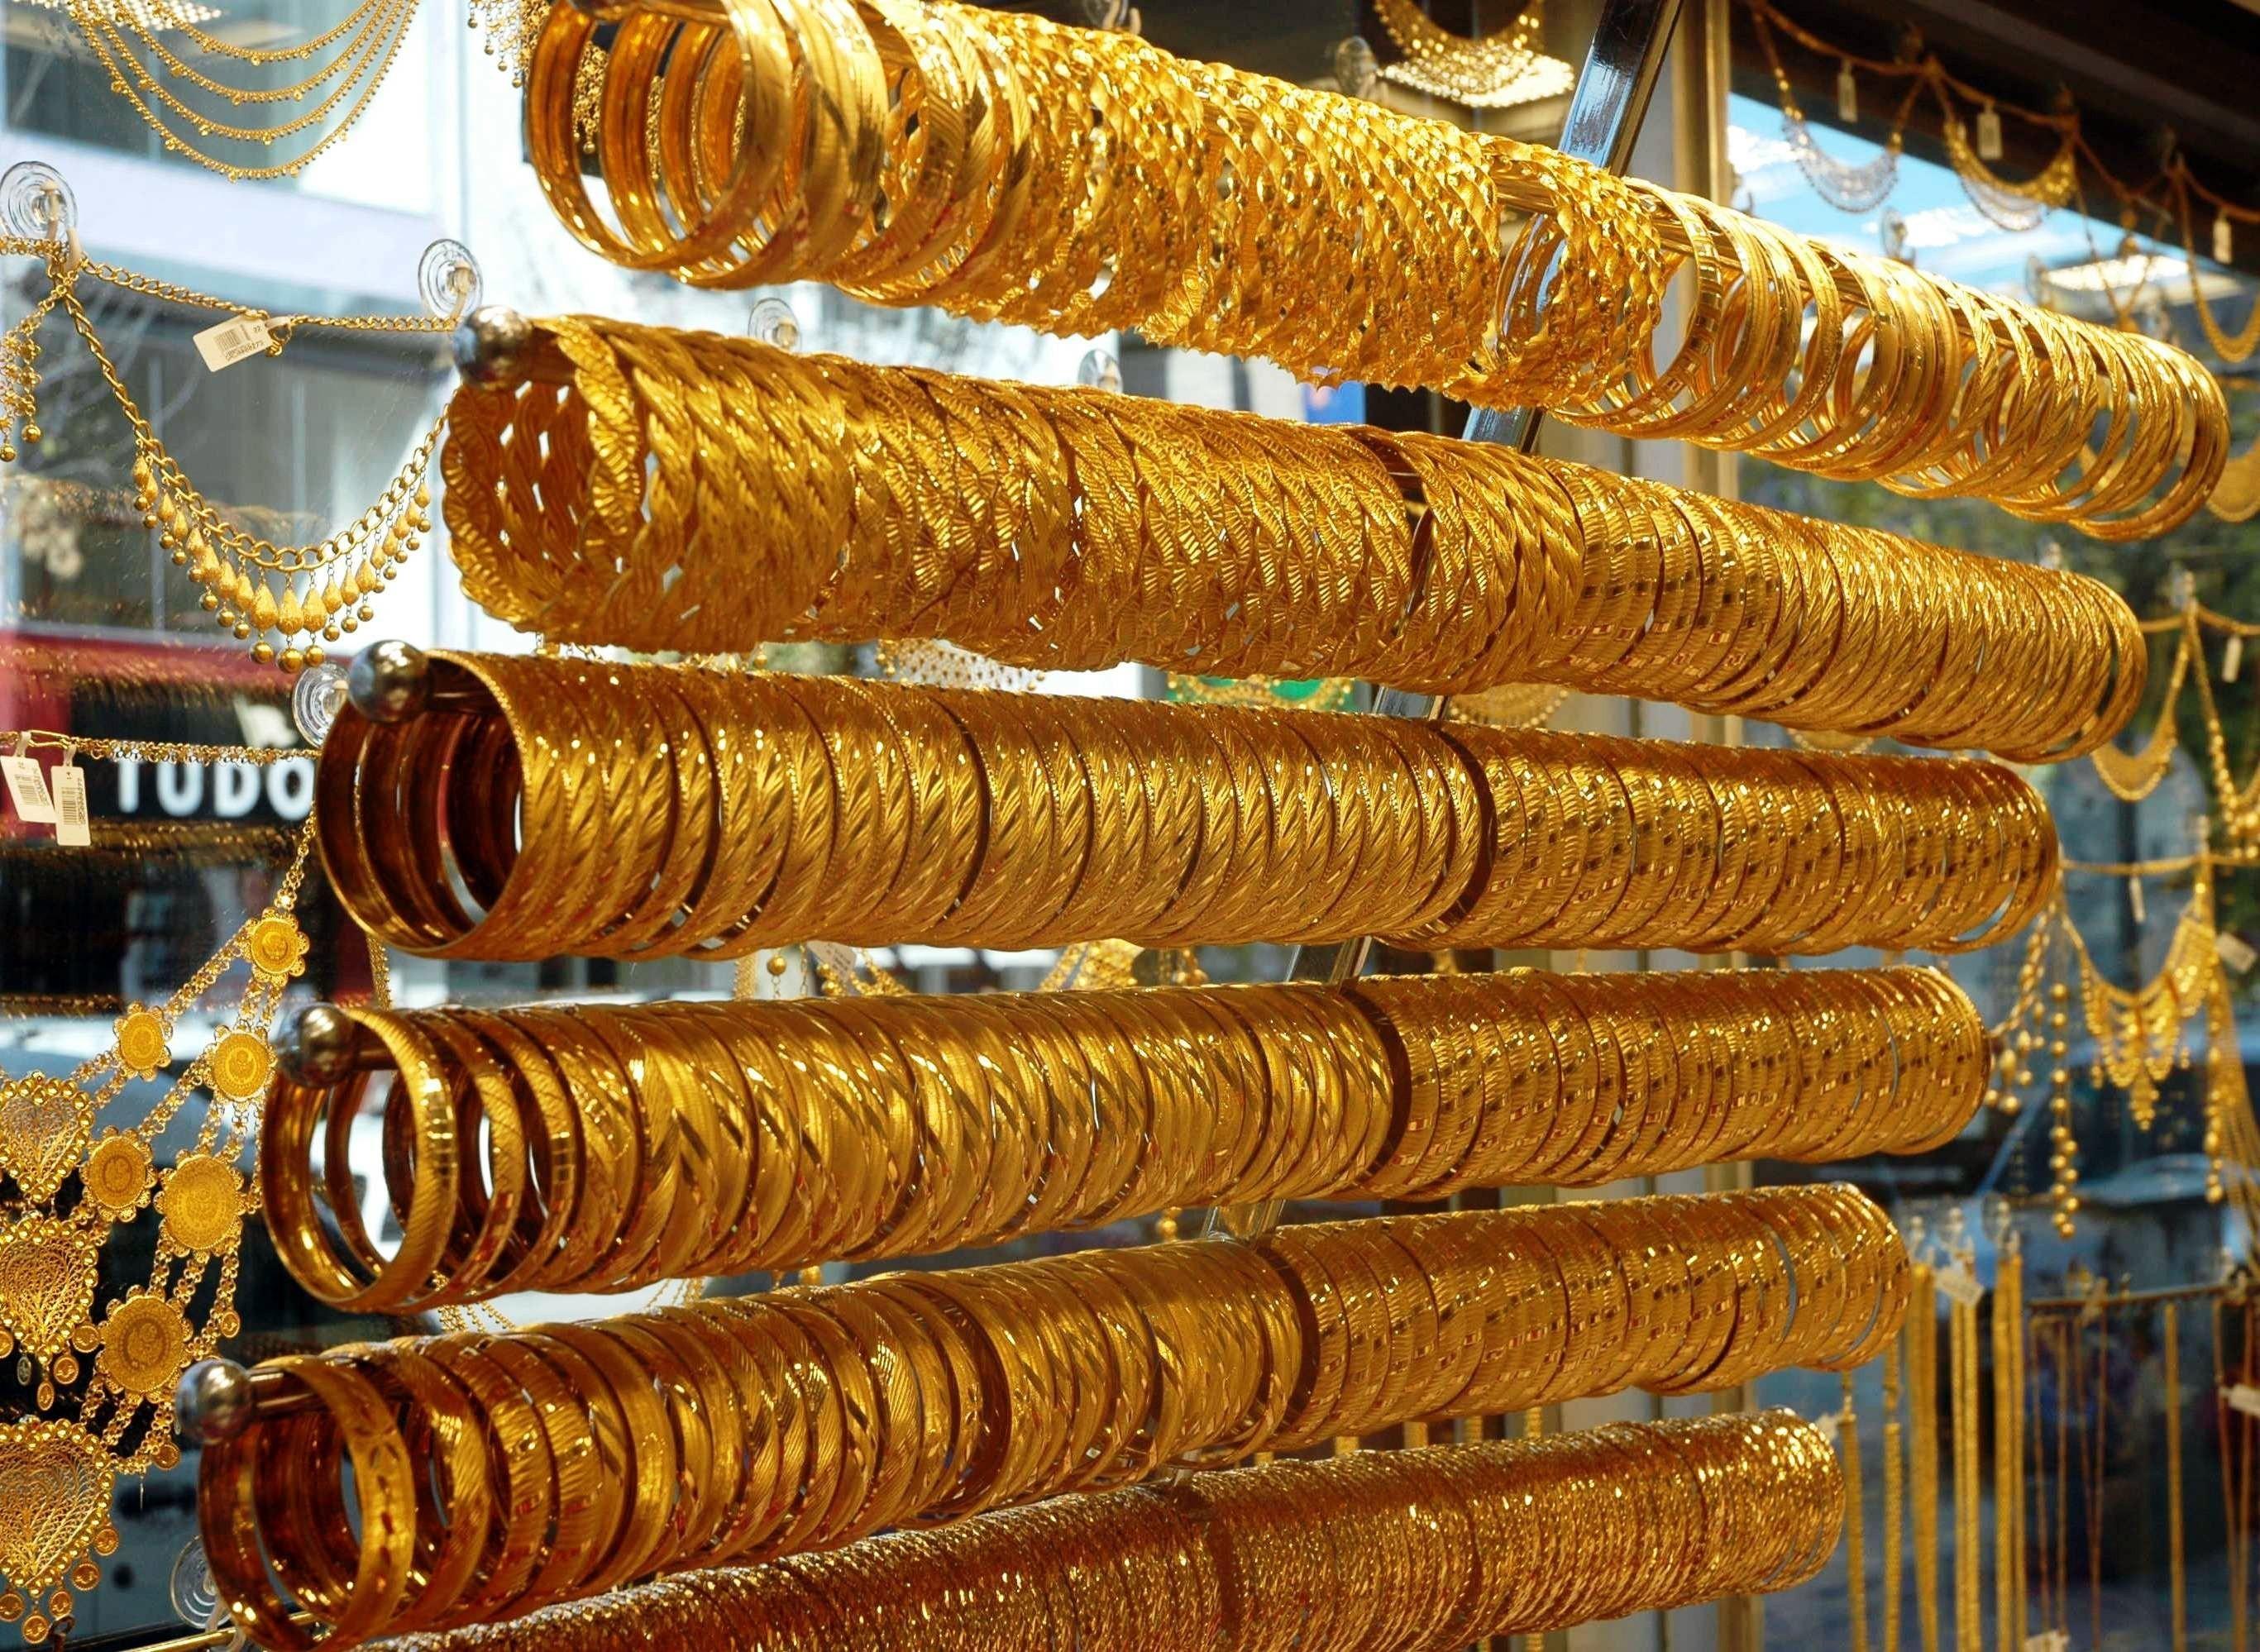 <p>Serbest piyasada 24 ayar külçe altının gram satış fiyatı 442,20 lira oldu.<br /><br /></p> <p>İstanbul Kapalıçarşı'da 442 liradan alınan 24 Ayar Külçe Altın (Gr.) 442,20 liradan, 2 bin 913 liradan alınan Cumhuriyet Ata Lira 2 bin 934 liradan, 403 liradan alınan 22 Ayar Bilezik (Gr.) 407 liradan, 2 bin 846 liradan alınan Lira (Tam) Ziynet 2 bin 866 liradan, bin 423 liradan alınan Yarım Ziynet bin 433 liradan ve 712 liradan alınan Çeyrek Ziynet 717 liradan satılıyor.</p>